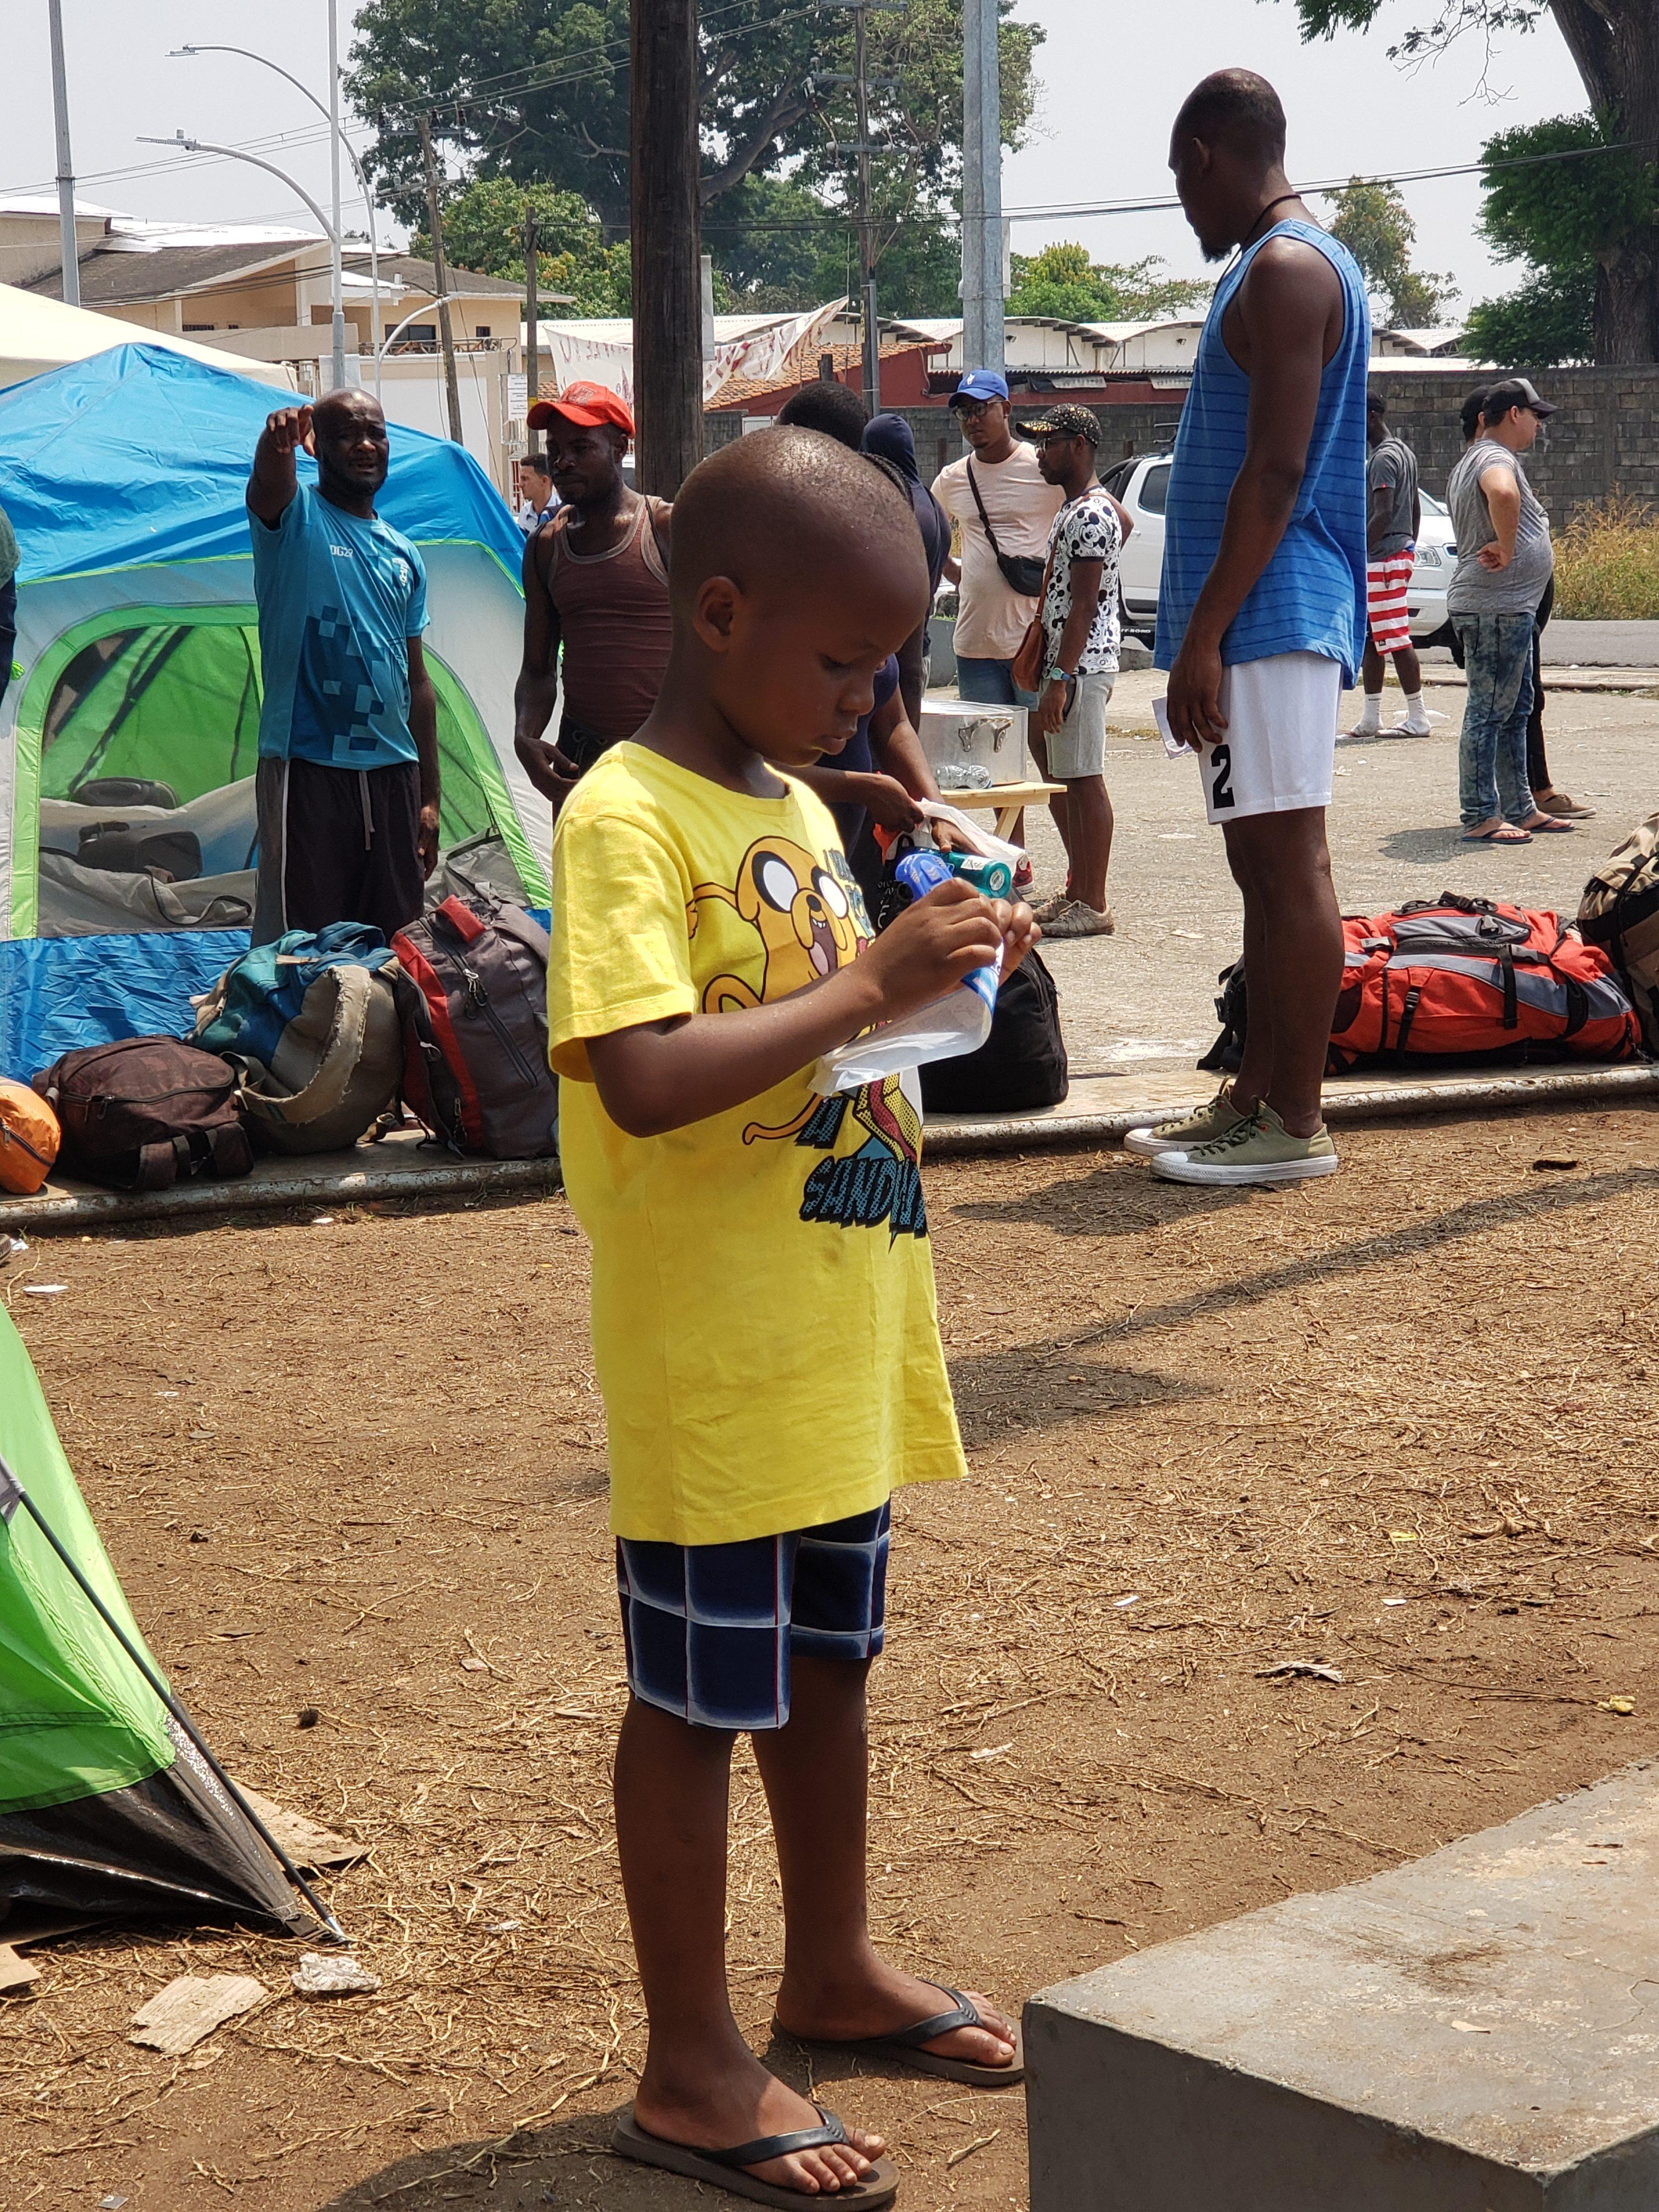 La migración Cubana, la otra del éxodo que genera derrama en Tapachula según ACEPITAP